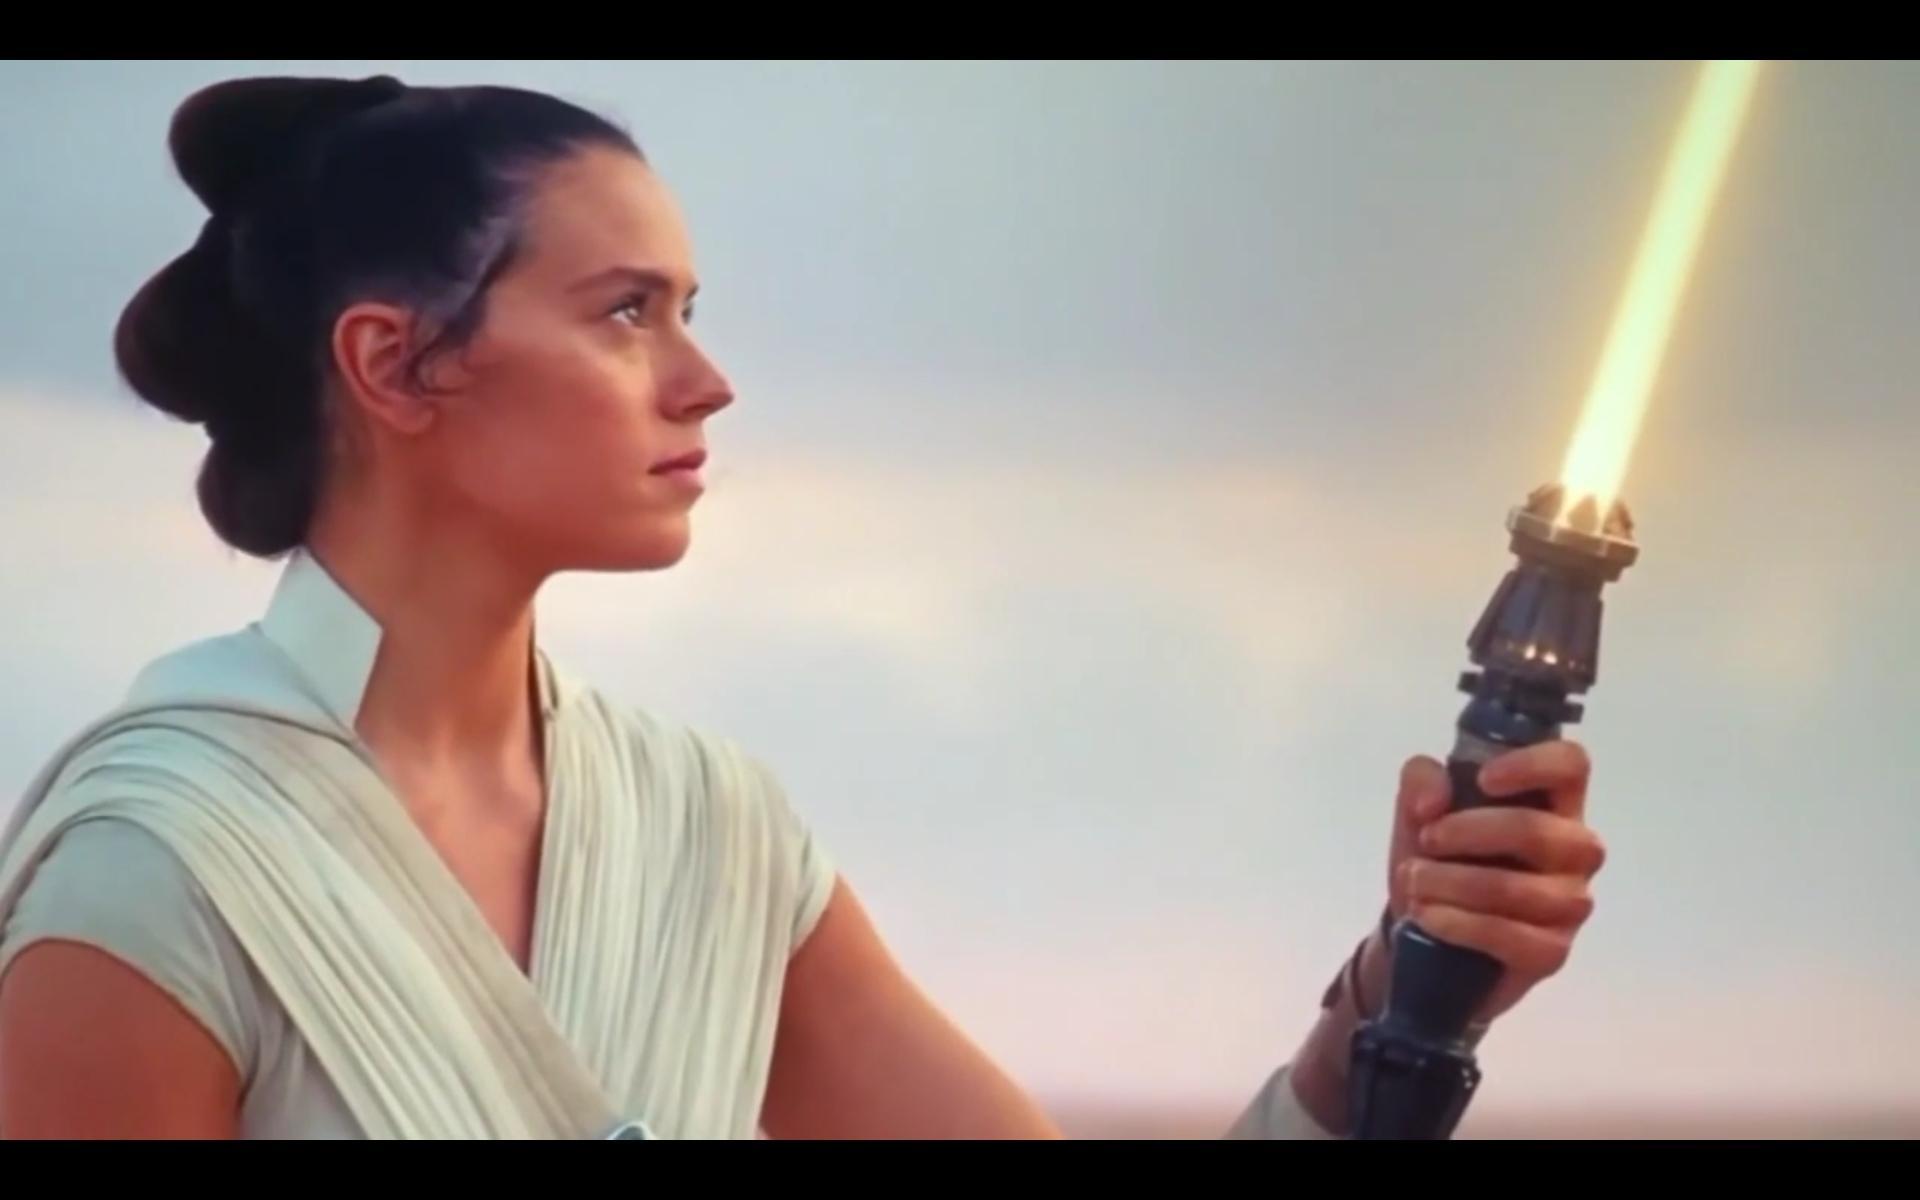 Warum hat Rey ein gelbes Lichtschwert